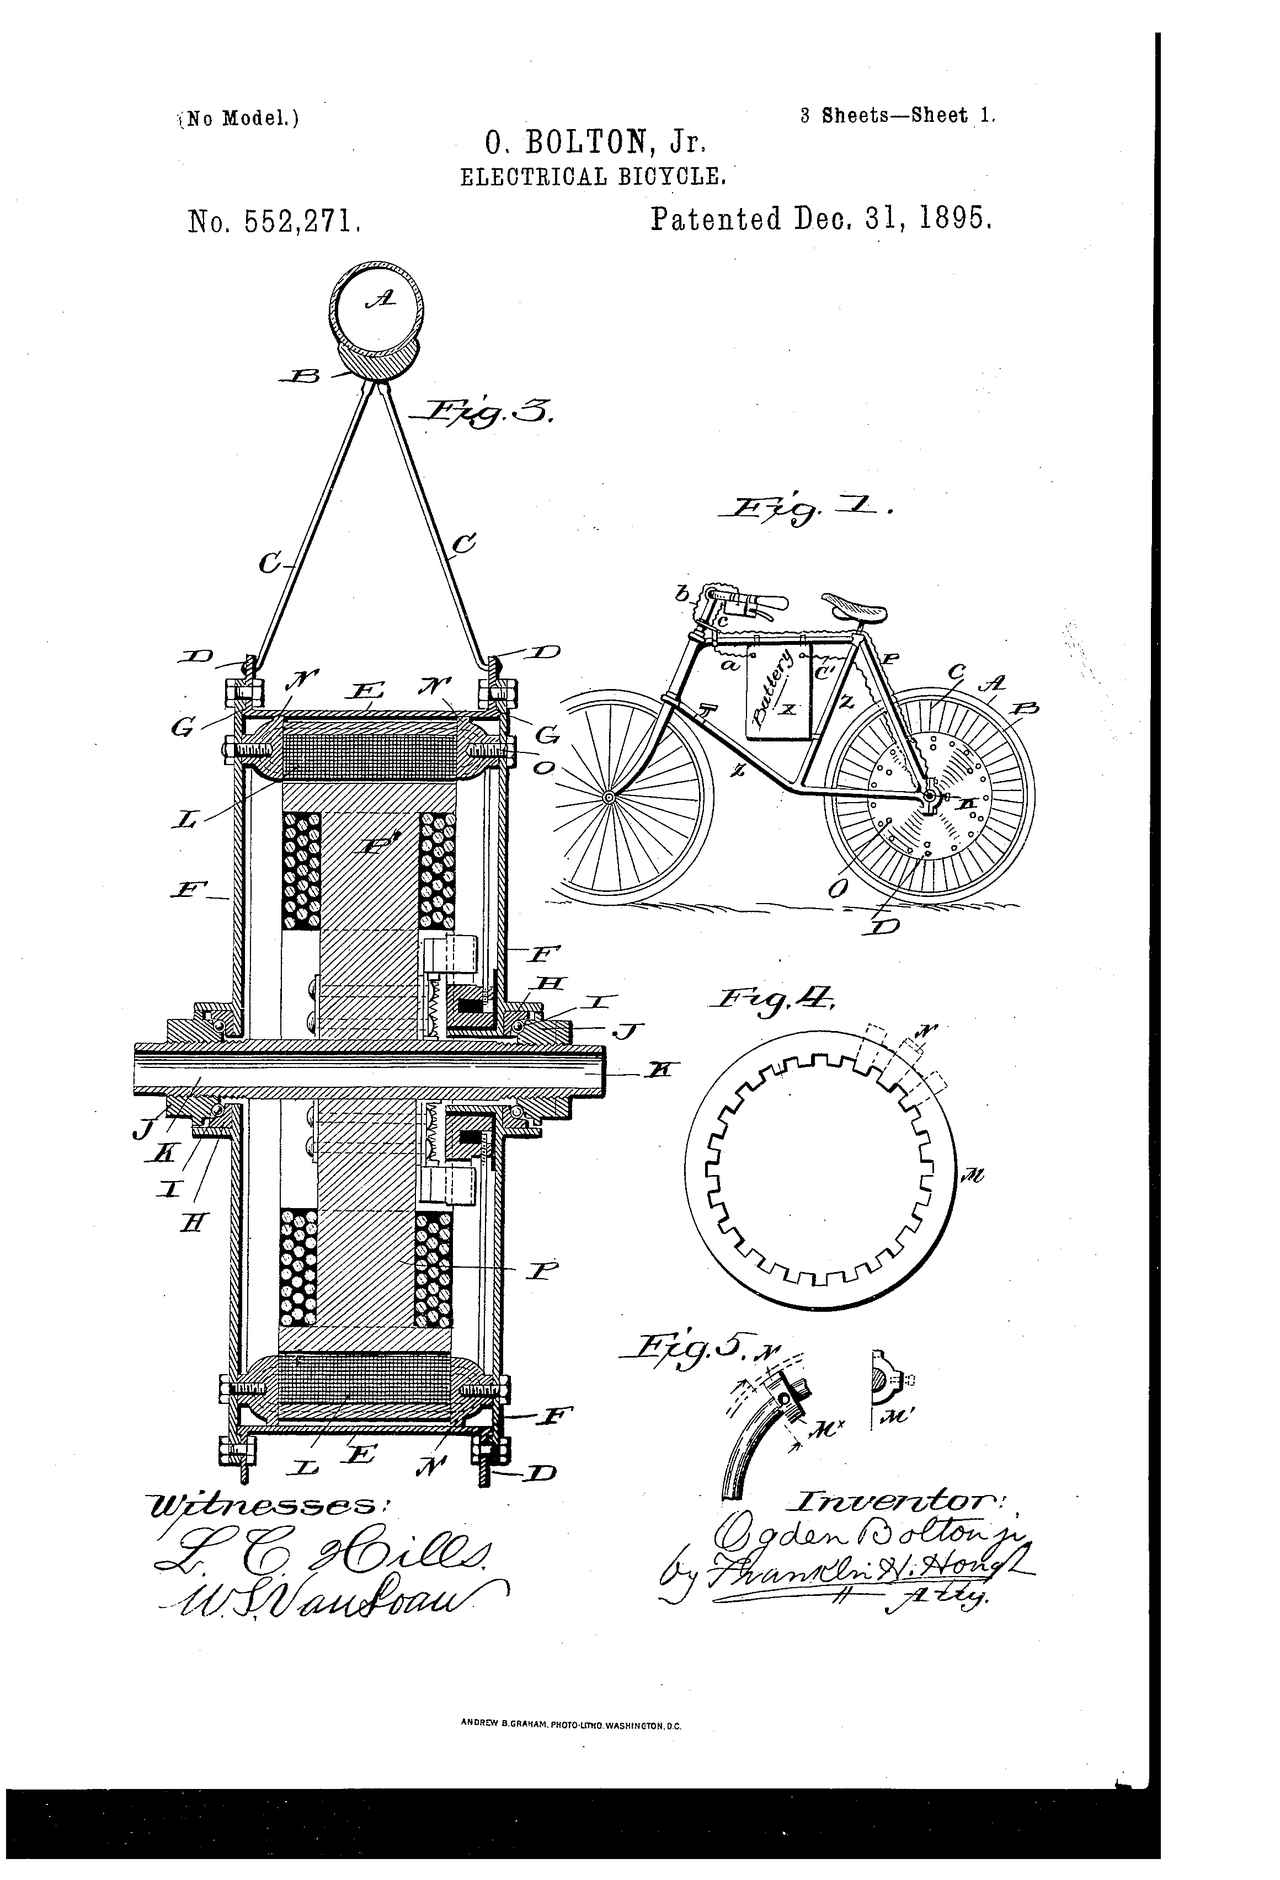 画像: O.ボルトン Jr.考案のエレクトリカル・バイシクルの図。フレームに10Vバッテリーを吊り下げ、後輪のハブモーターを駆動するレイアウトでした。乗り手の脚力に頼ることは考えなかったようで、自転車でおなじみのペダル、クランク、BB、ギア、そして駆動チェーンは採用していません。 patents.google.com